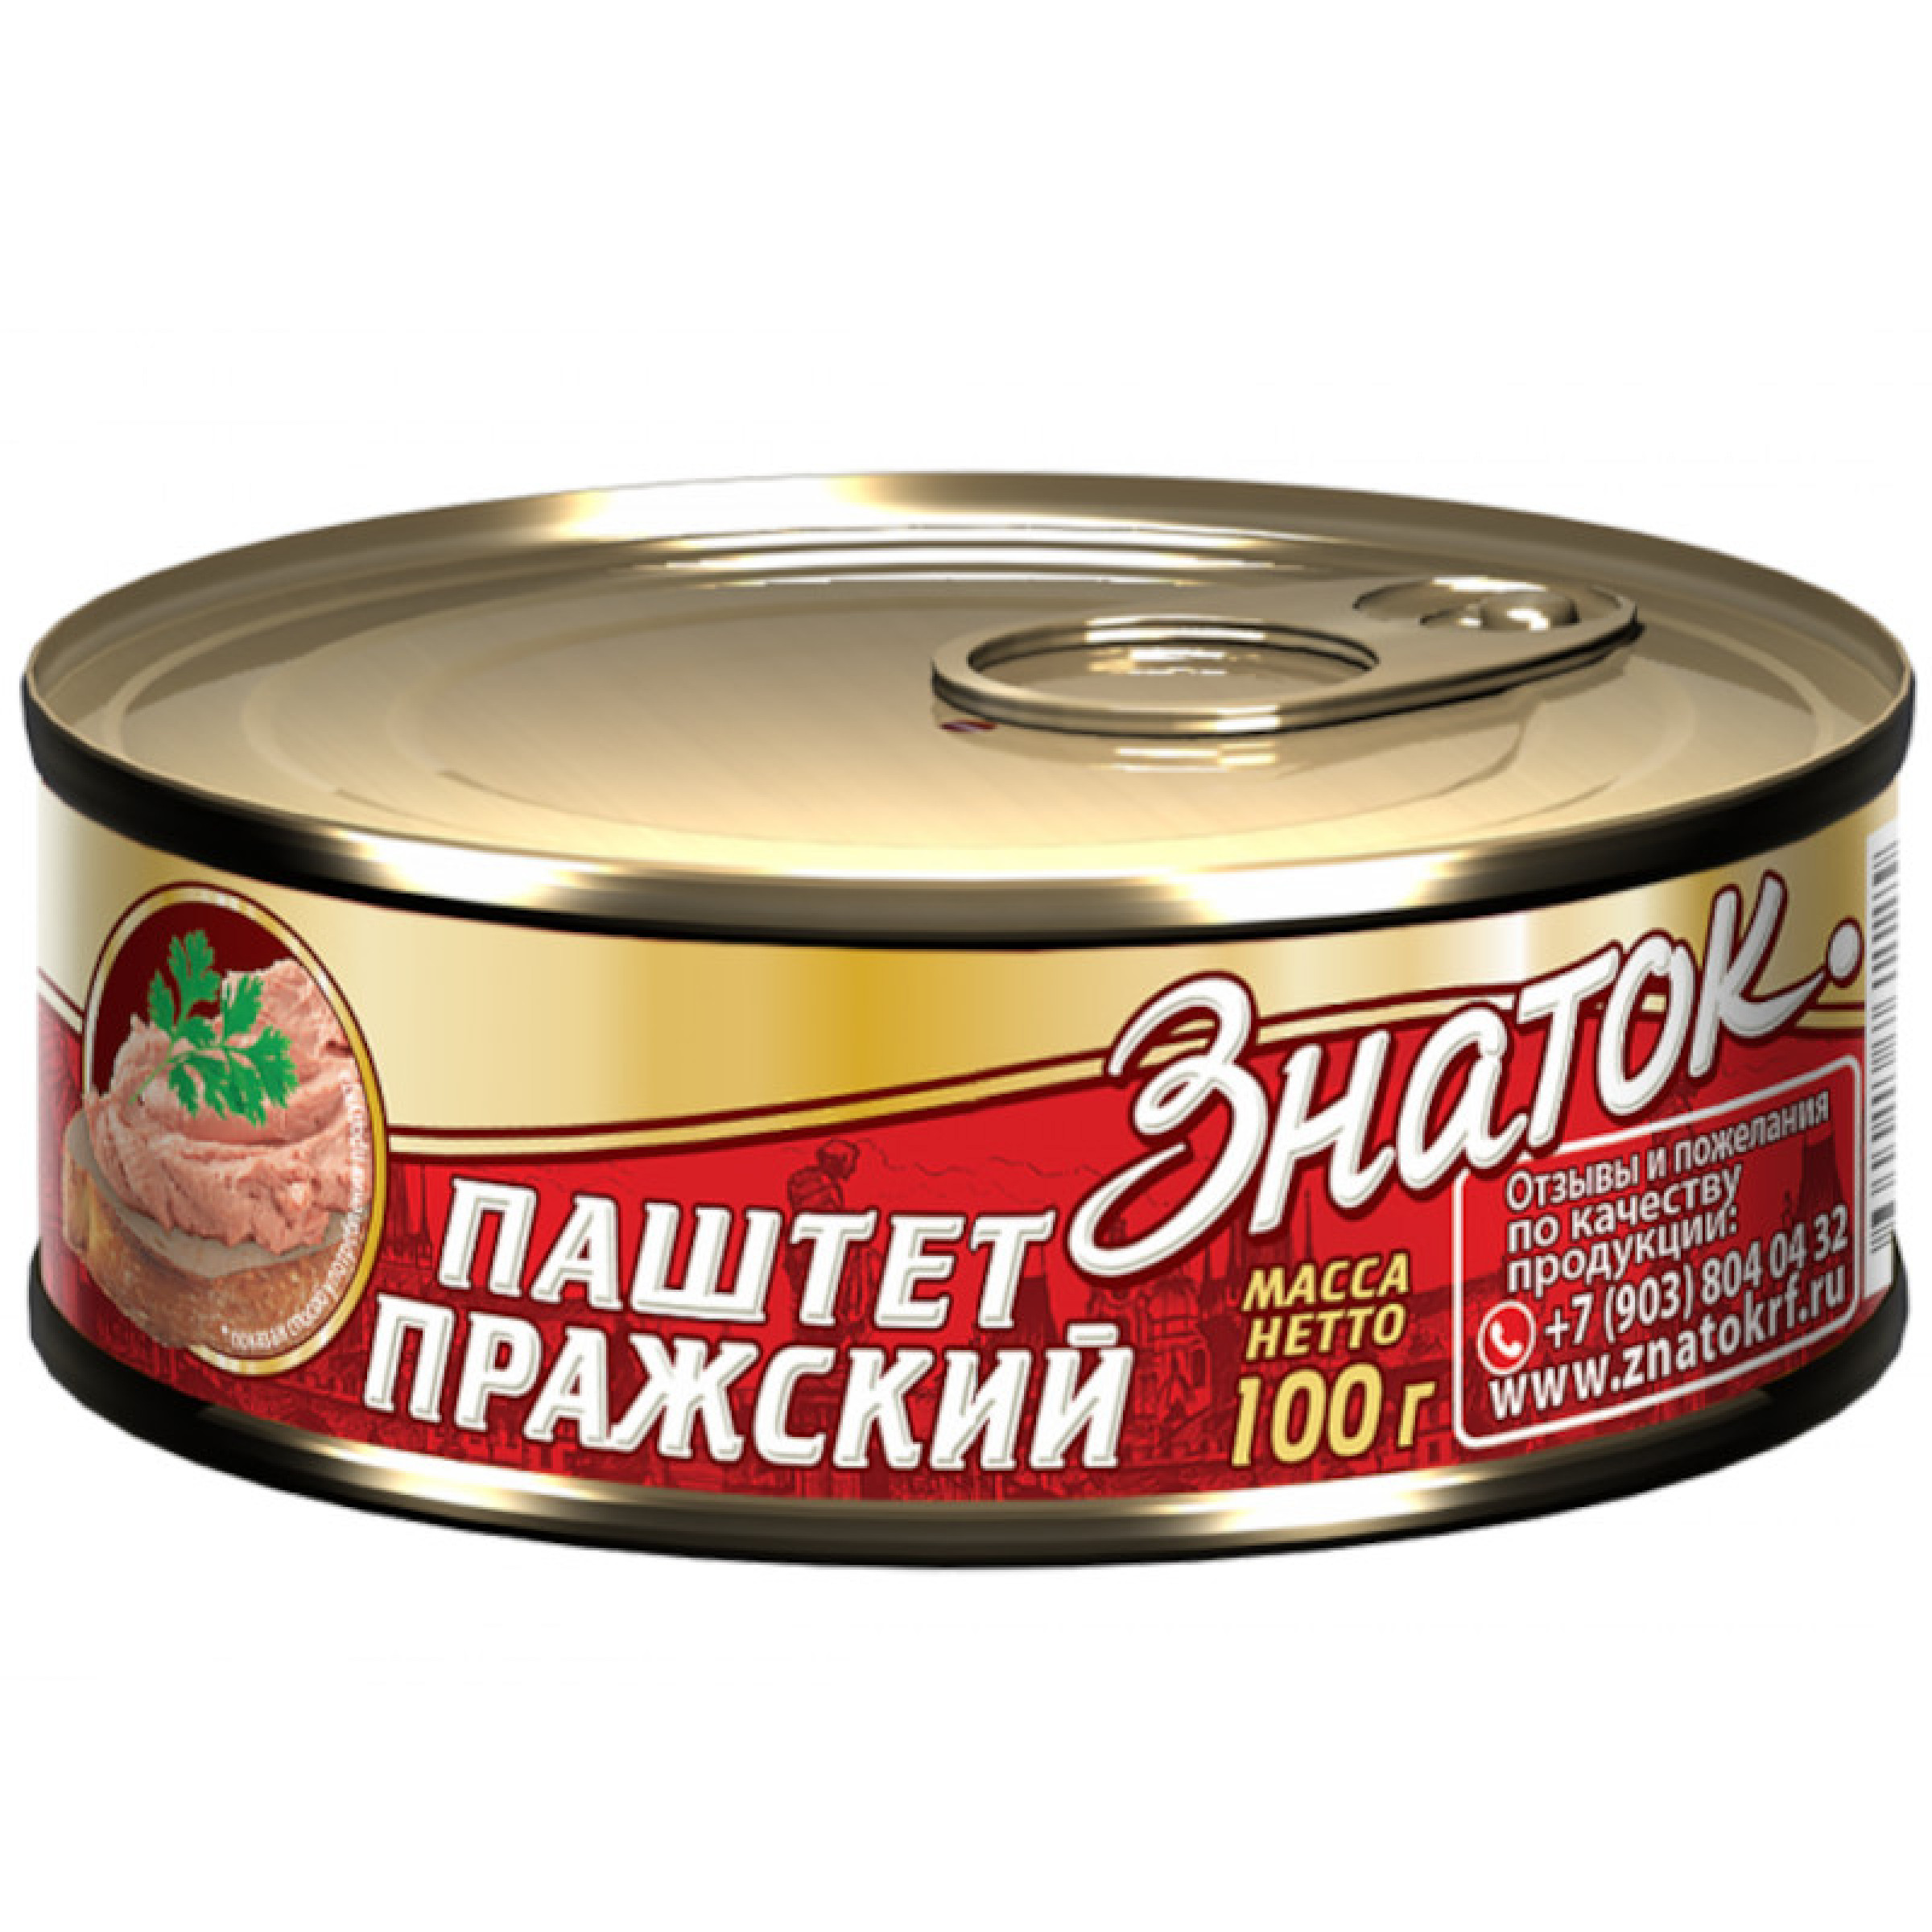 """Паштет """"Пражский"""" ГОСТ Знаток, 100гр"""